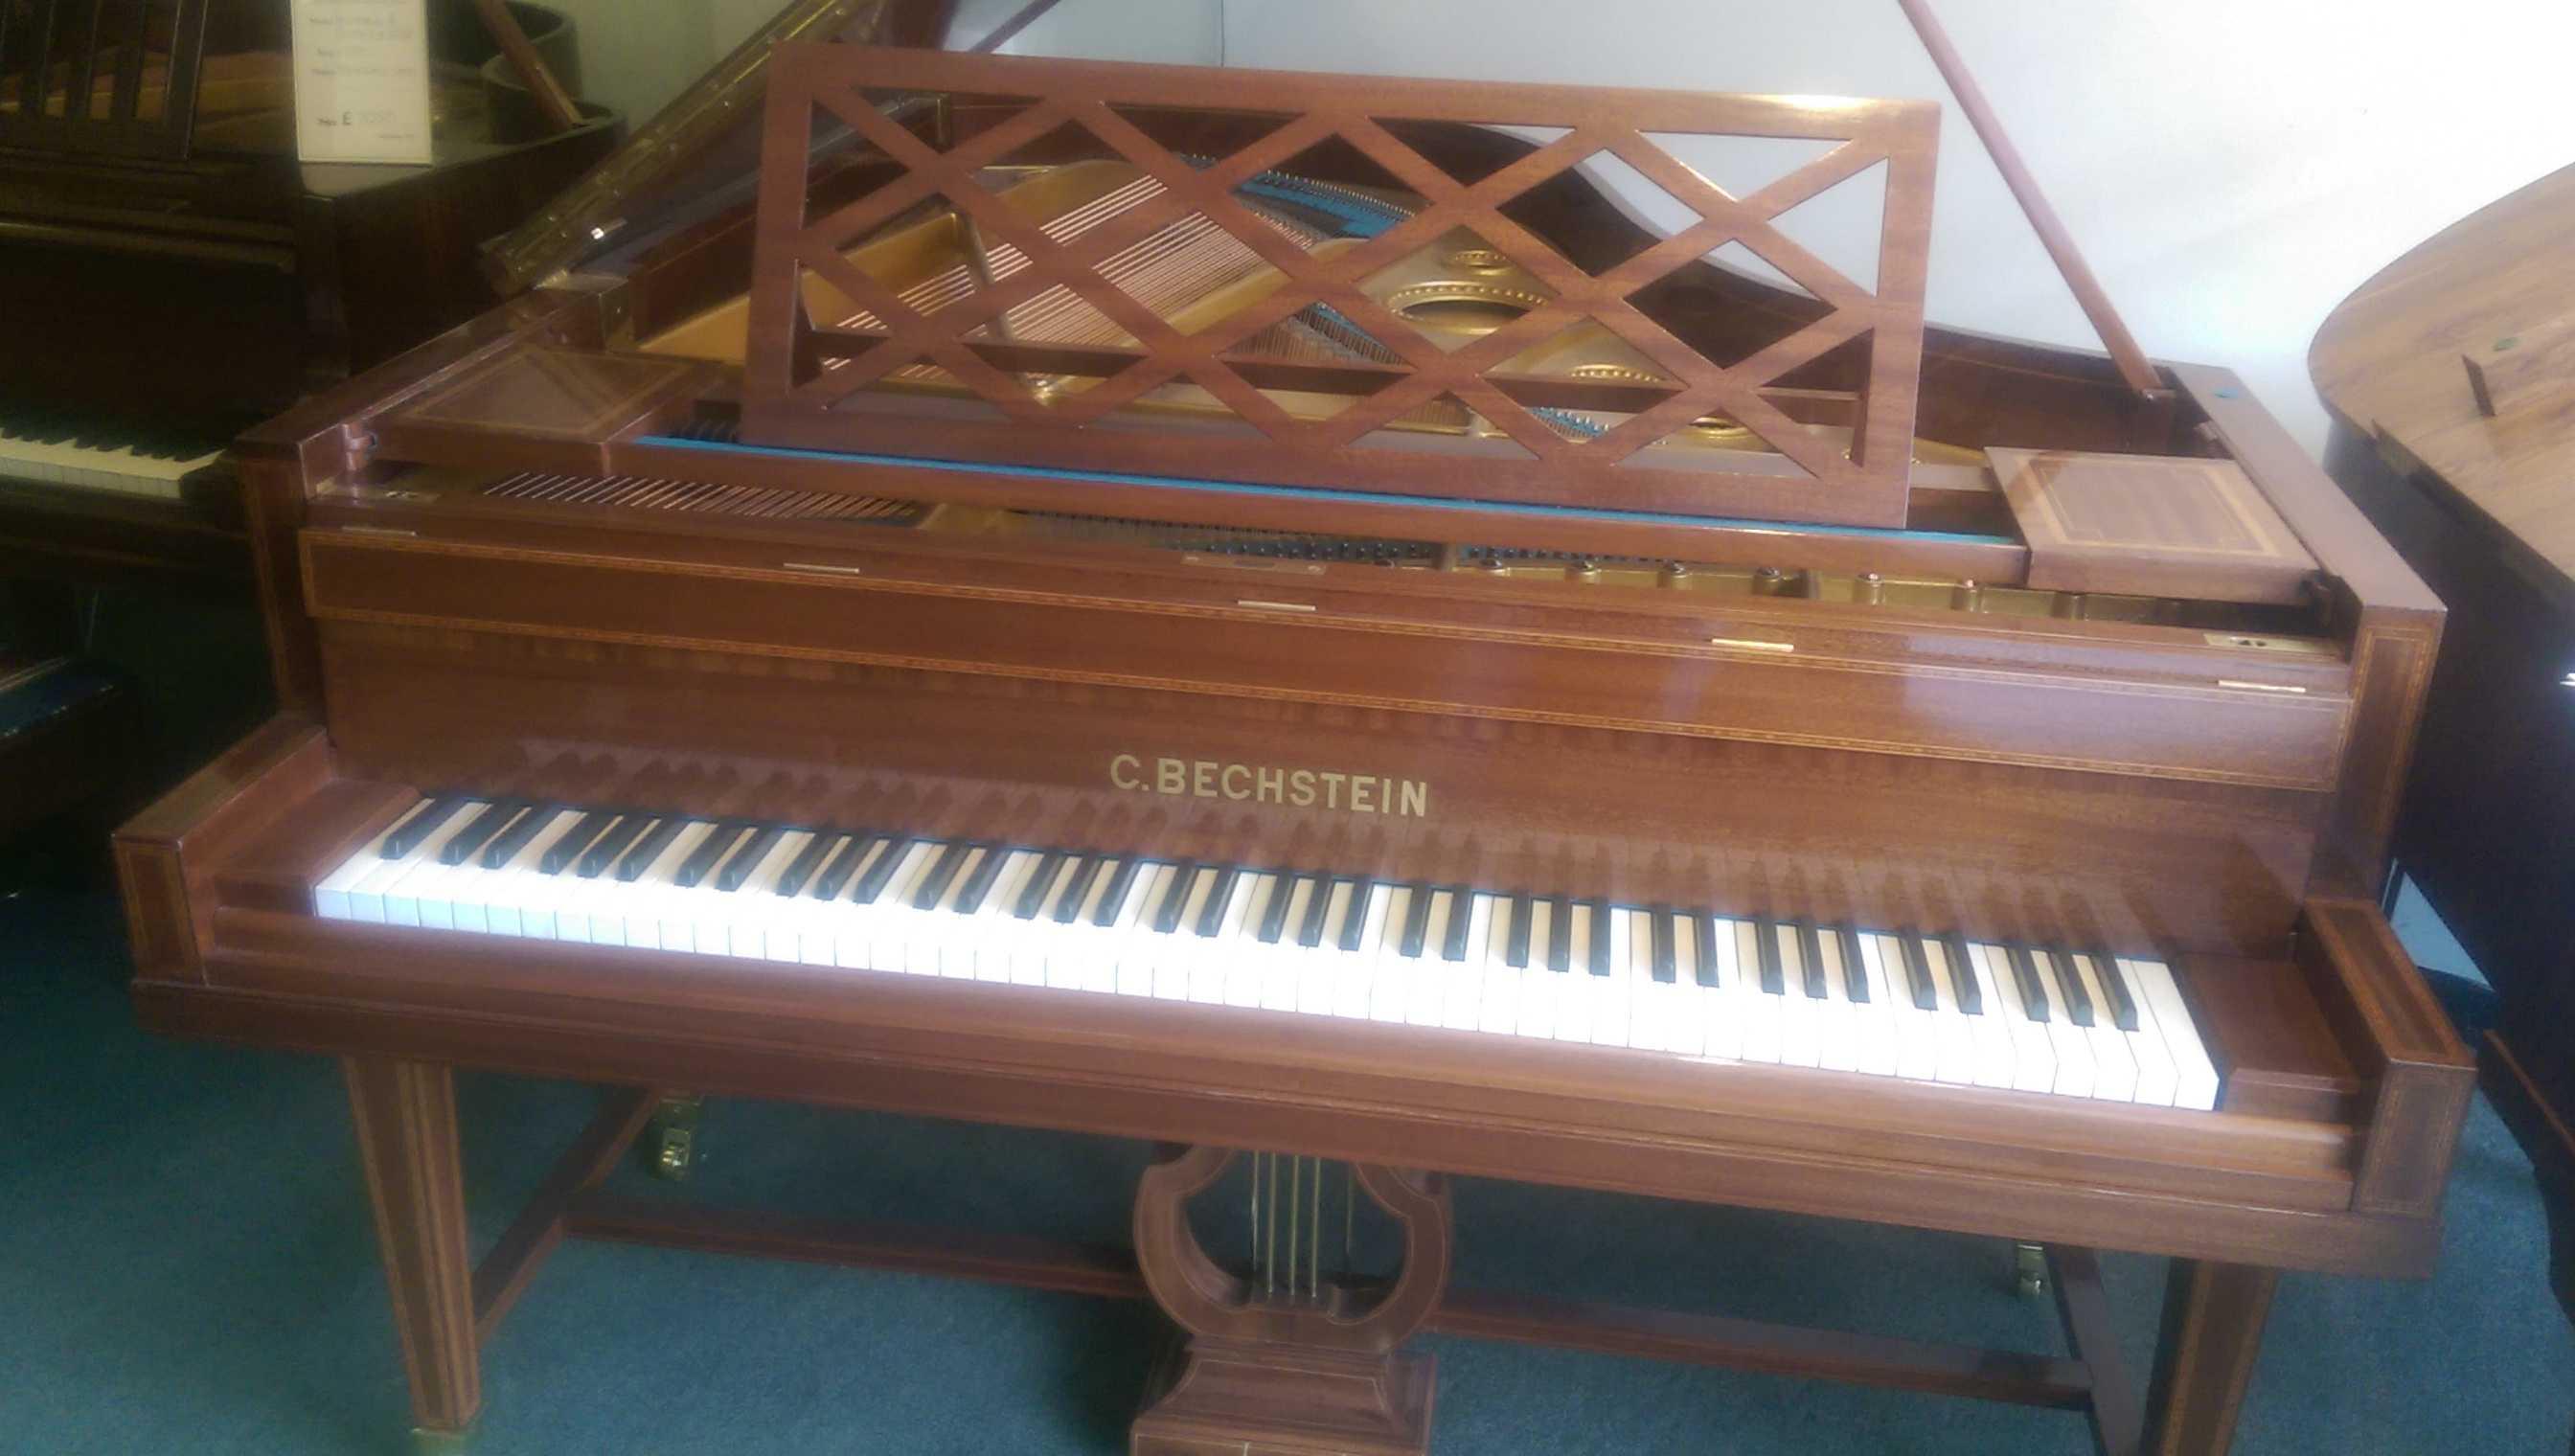 Bechstein Grand Piano Sheraton Style